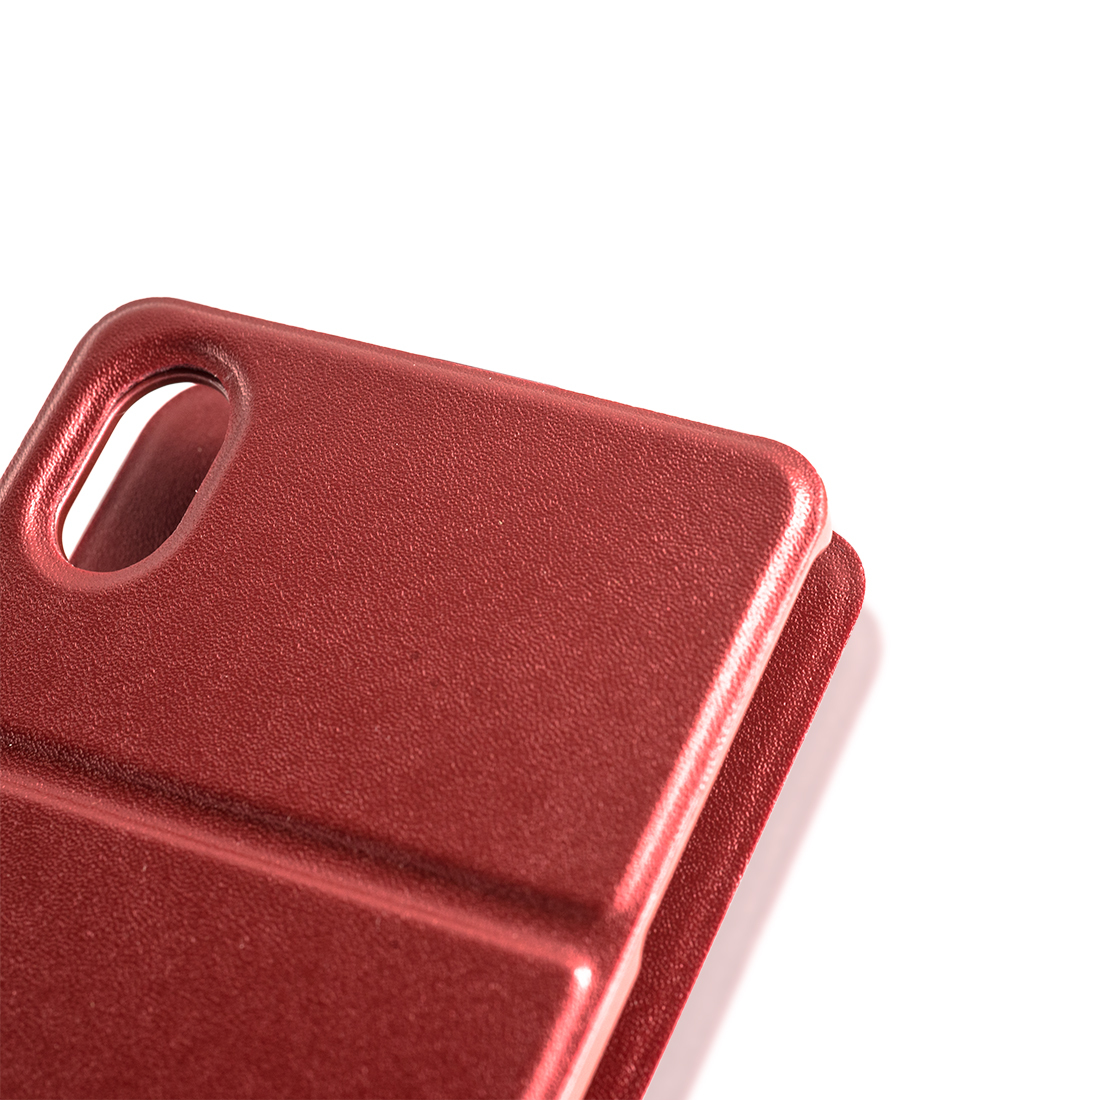 Флиппер красный для Xperia M4A купить в Sony Centre Воронеж